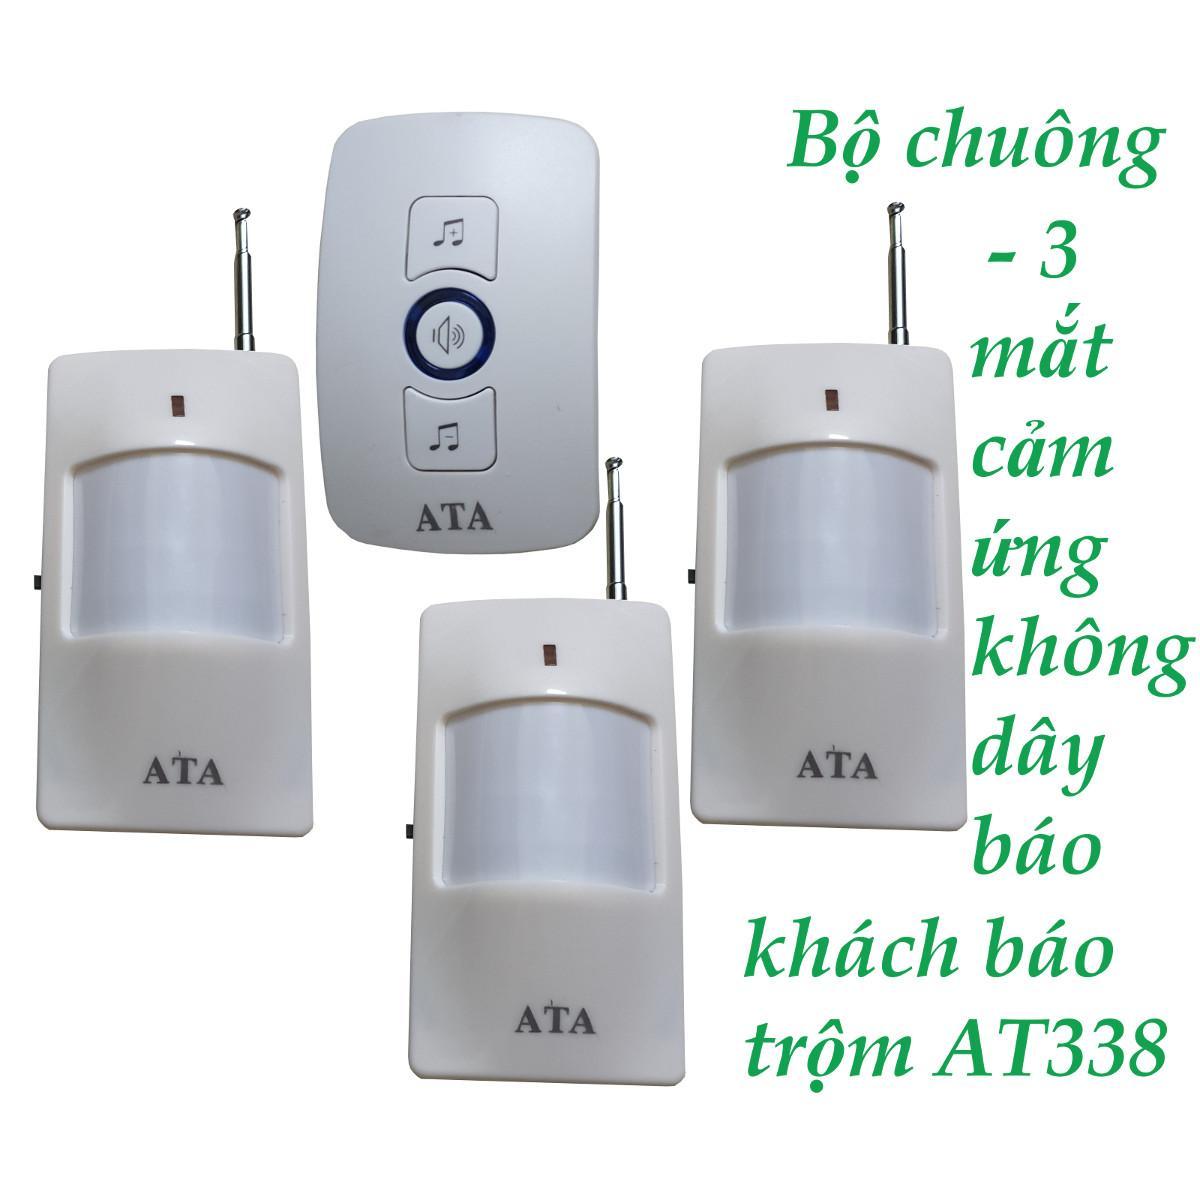 Bộ chuông 3  MẮT cảm ứng báo khách- báo trộm không dây AT-338. Kết nối thêm được chuông, cảm biến, nút nhấn, cửa từ. Tiếng chuông hay.